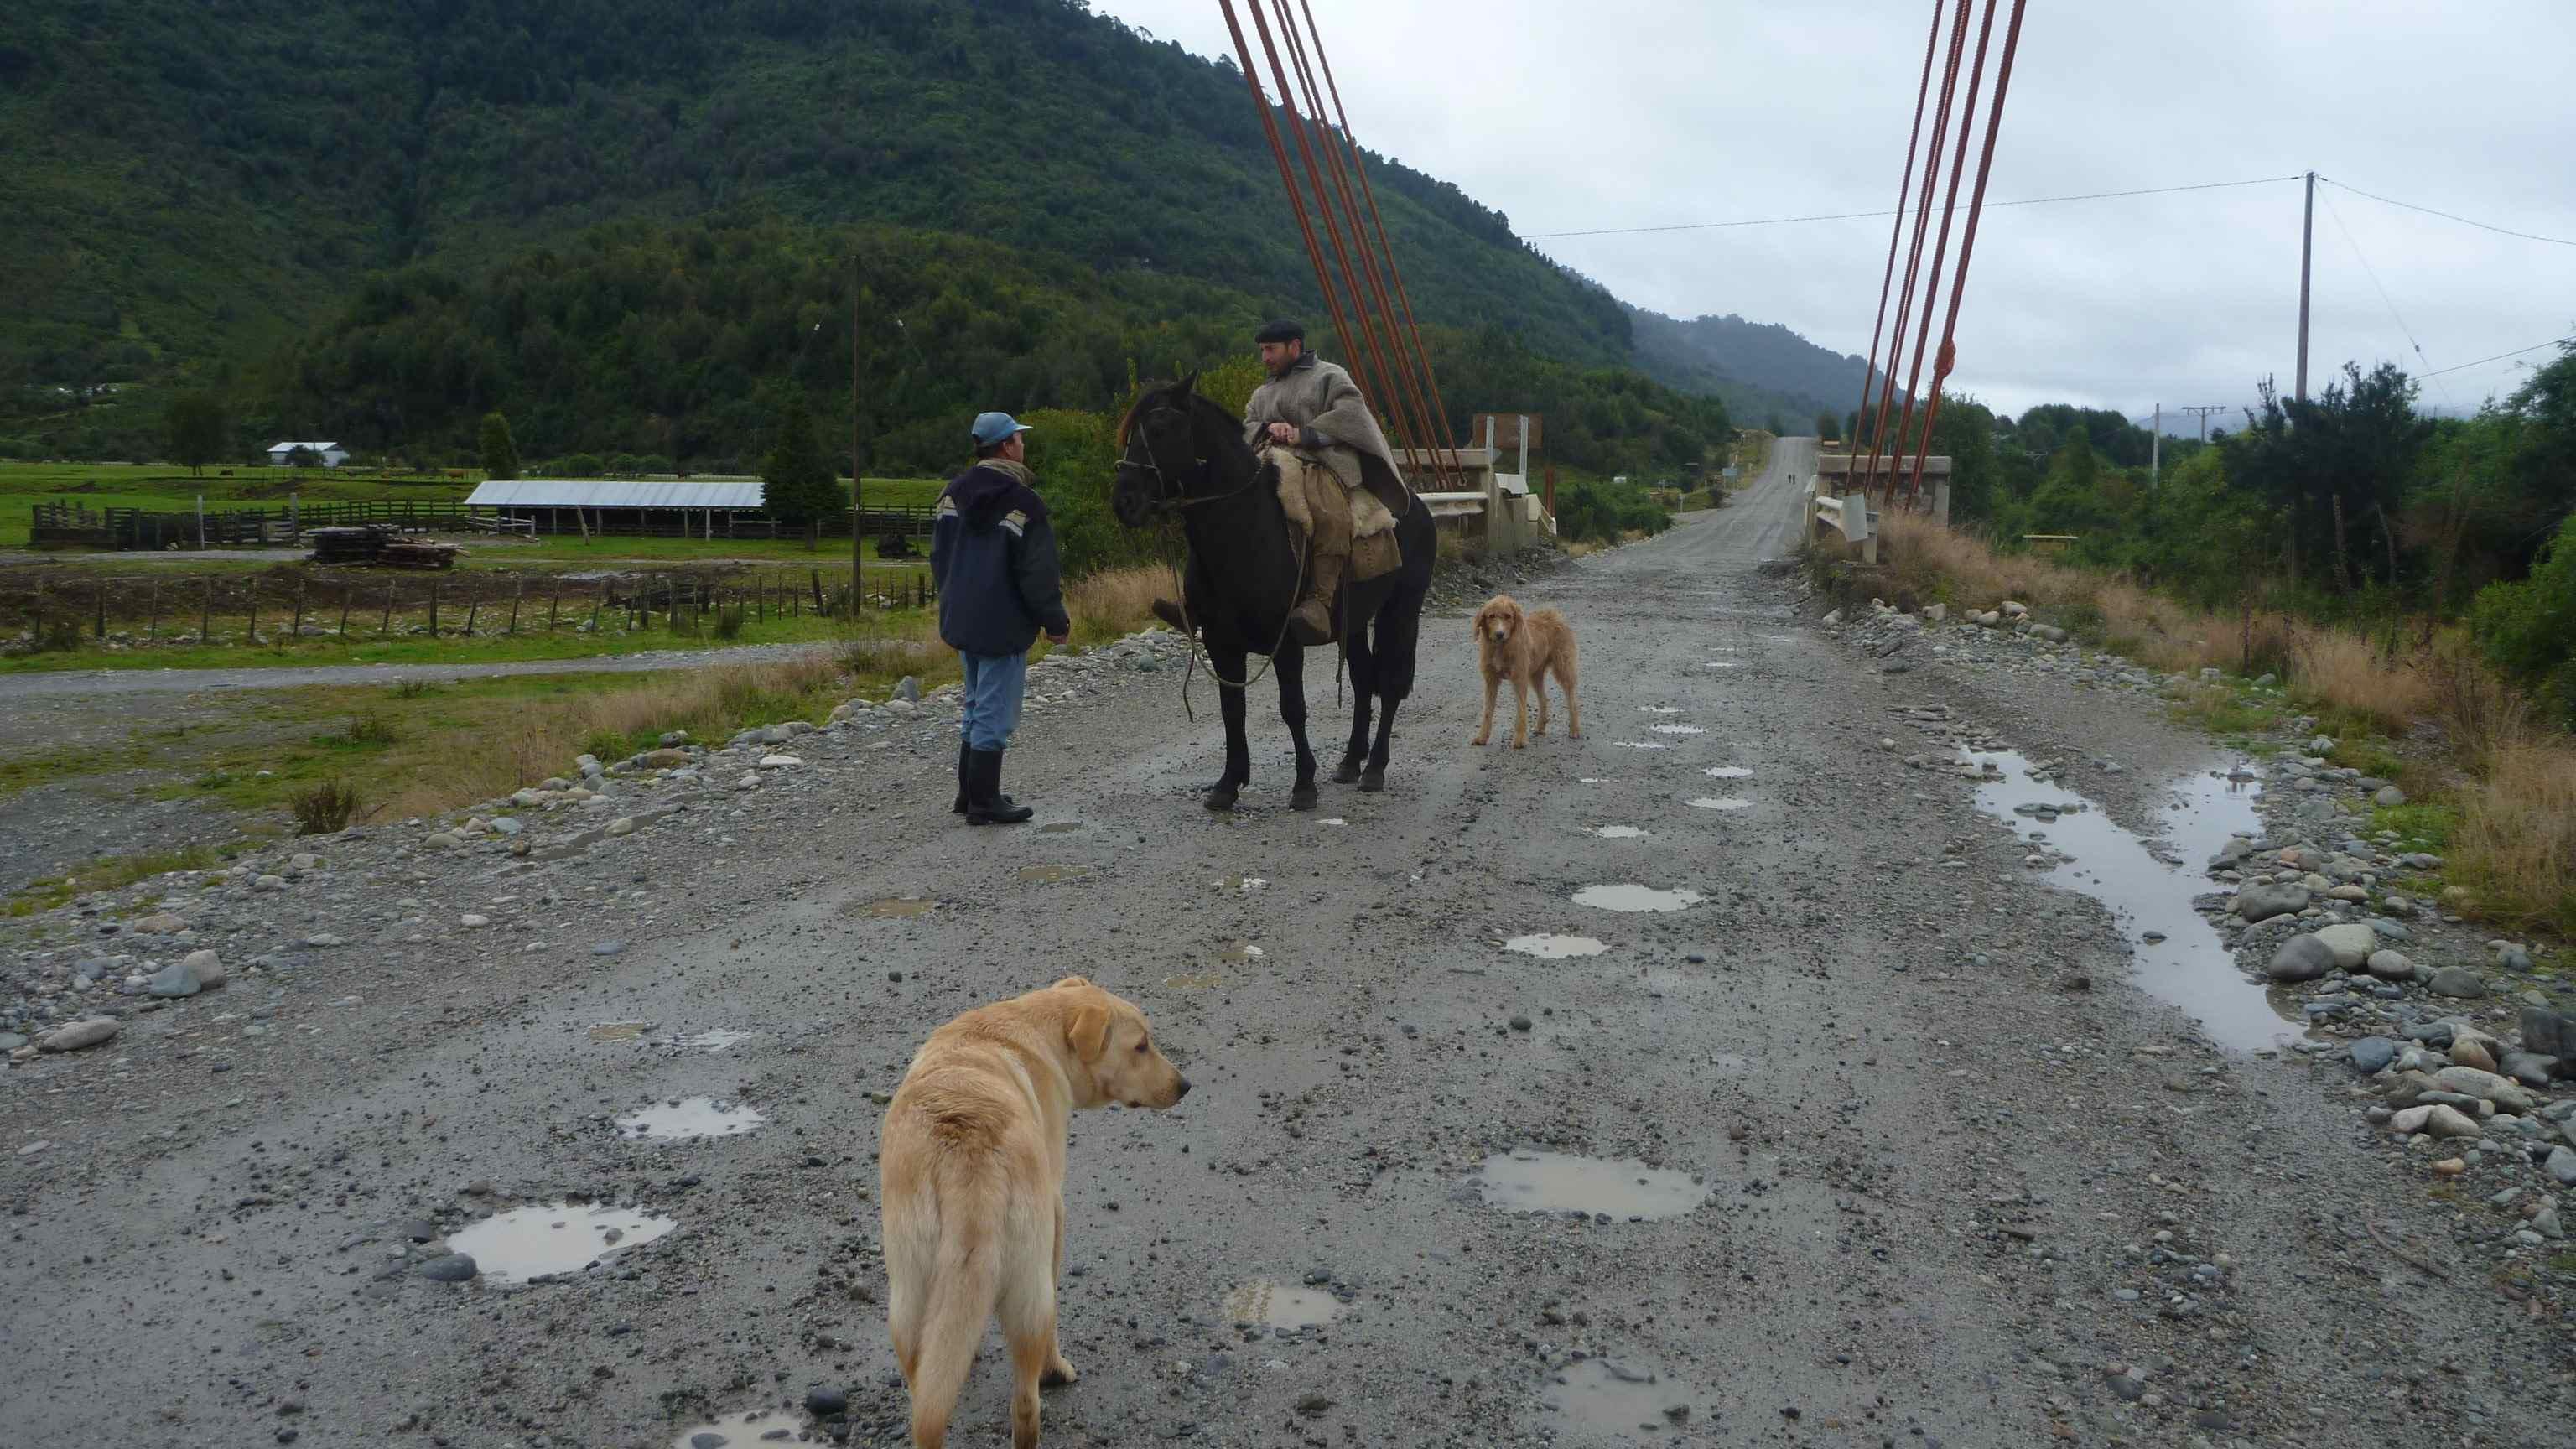 Patagonian Cowboy